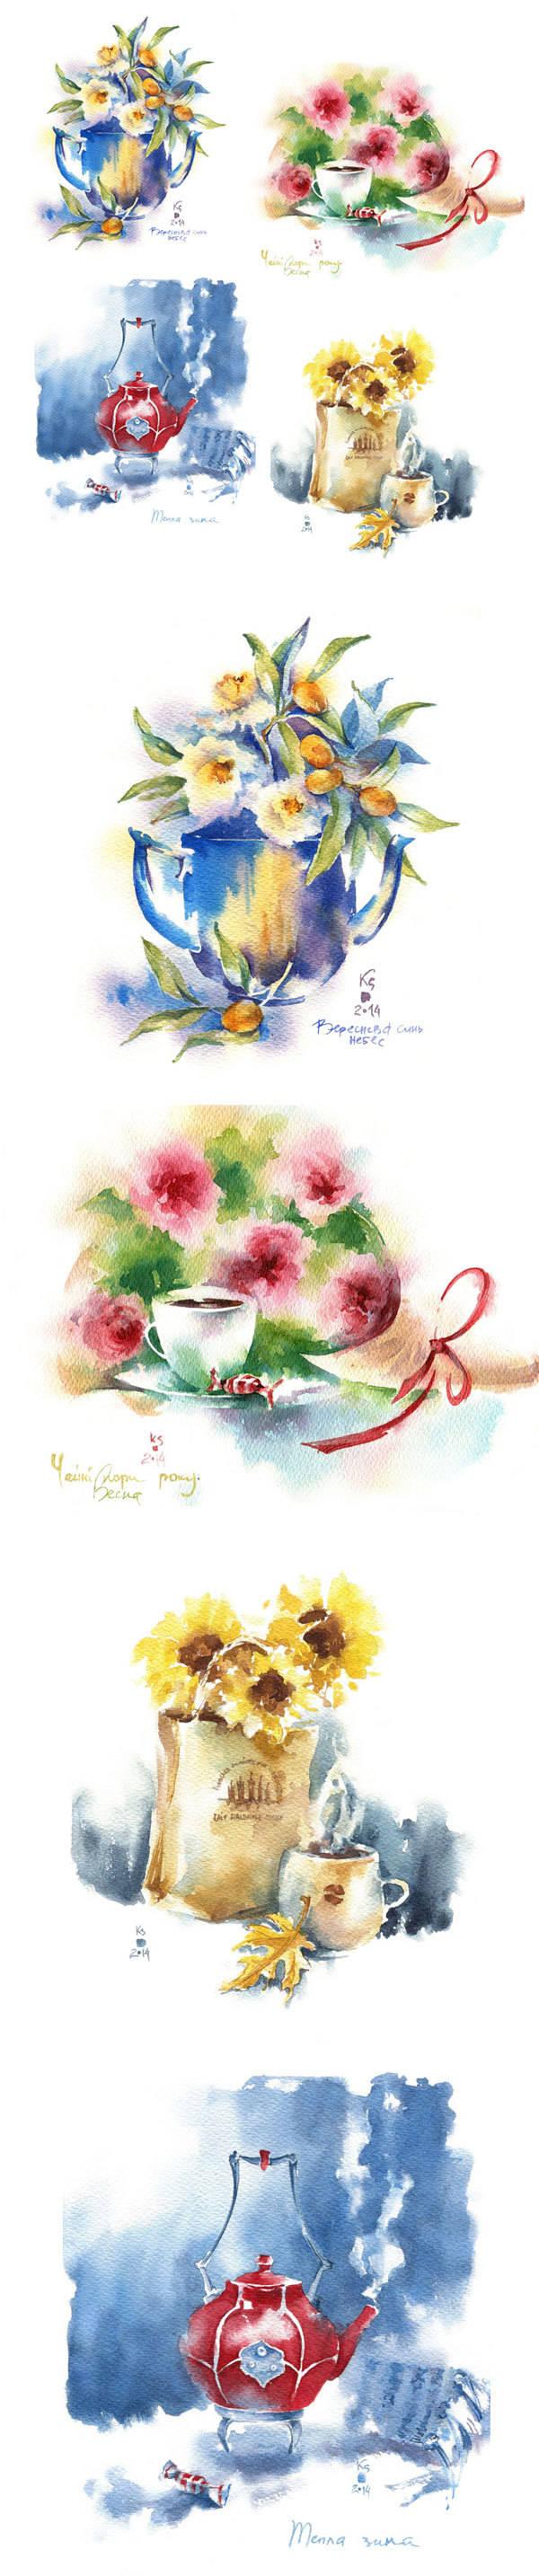 Tea seasons